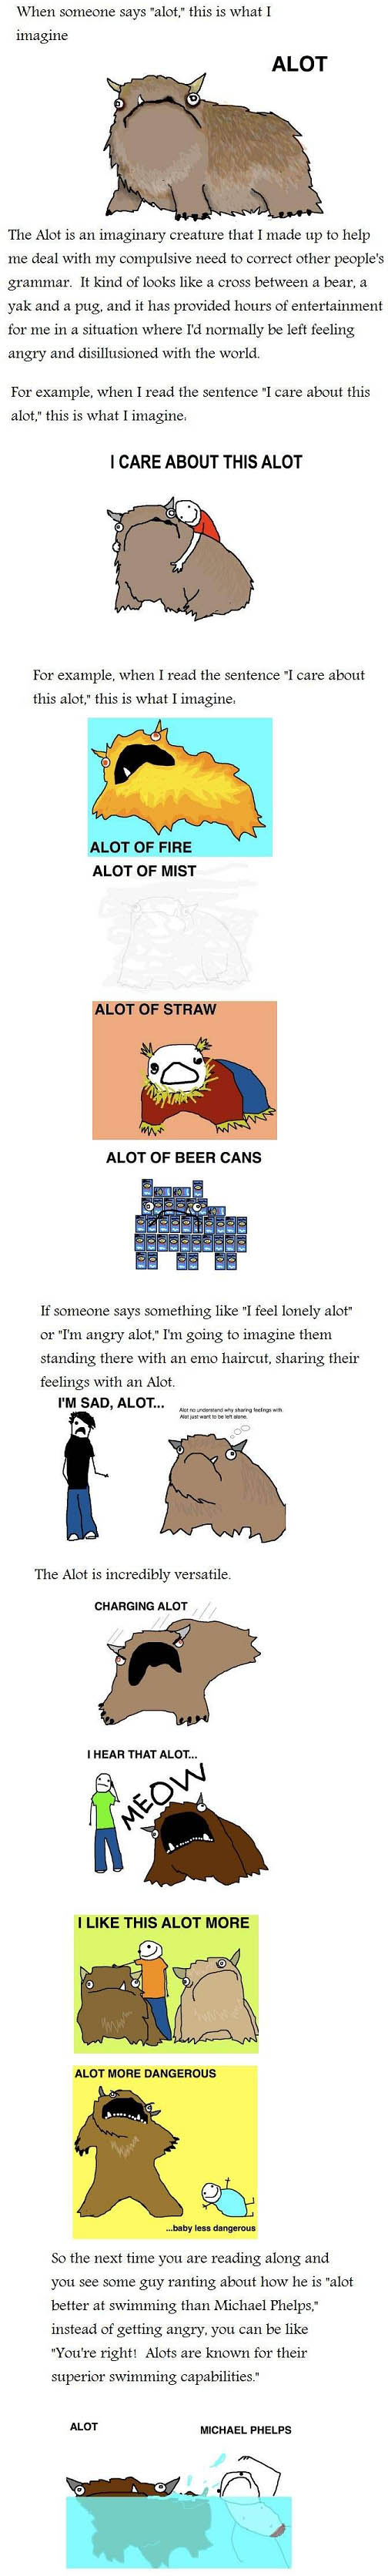 Funny Image: Alot vs A lot